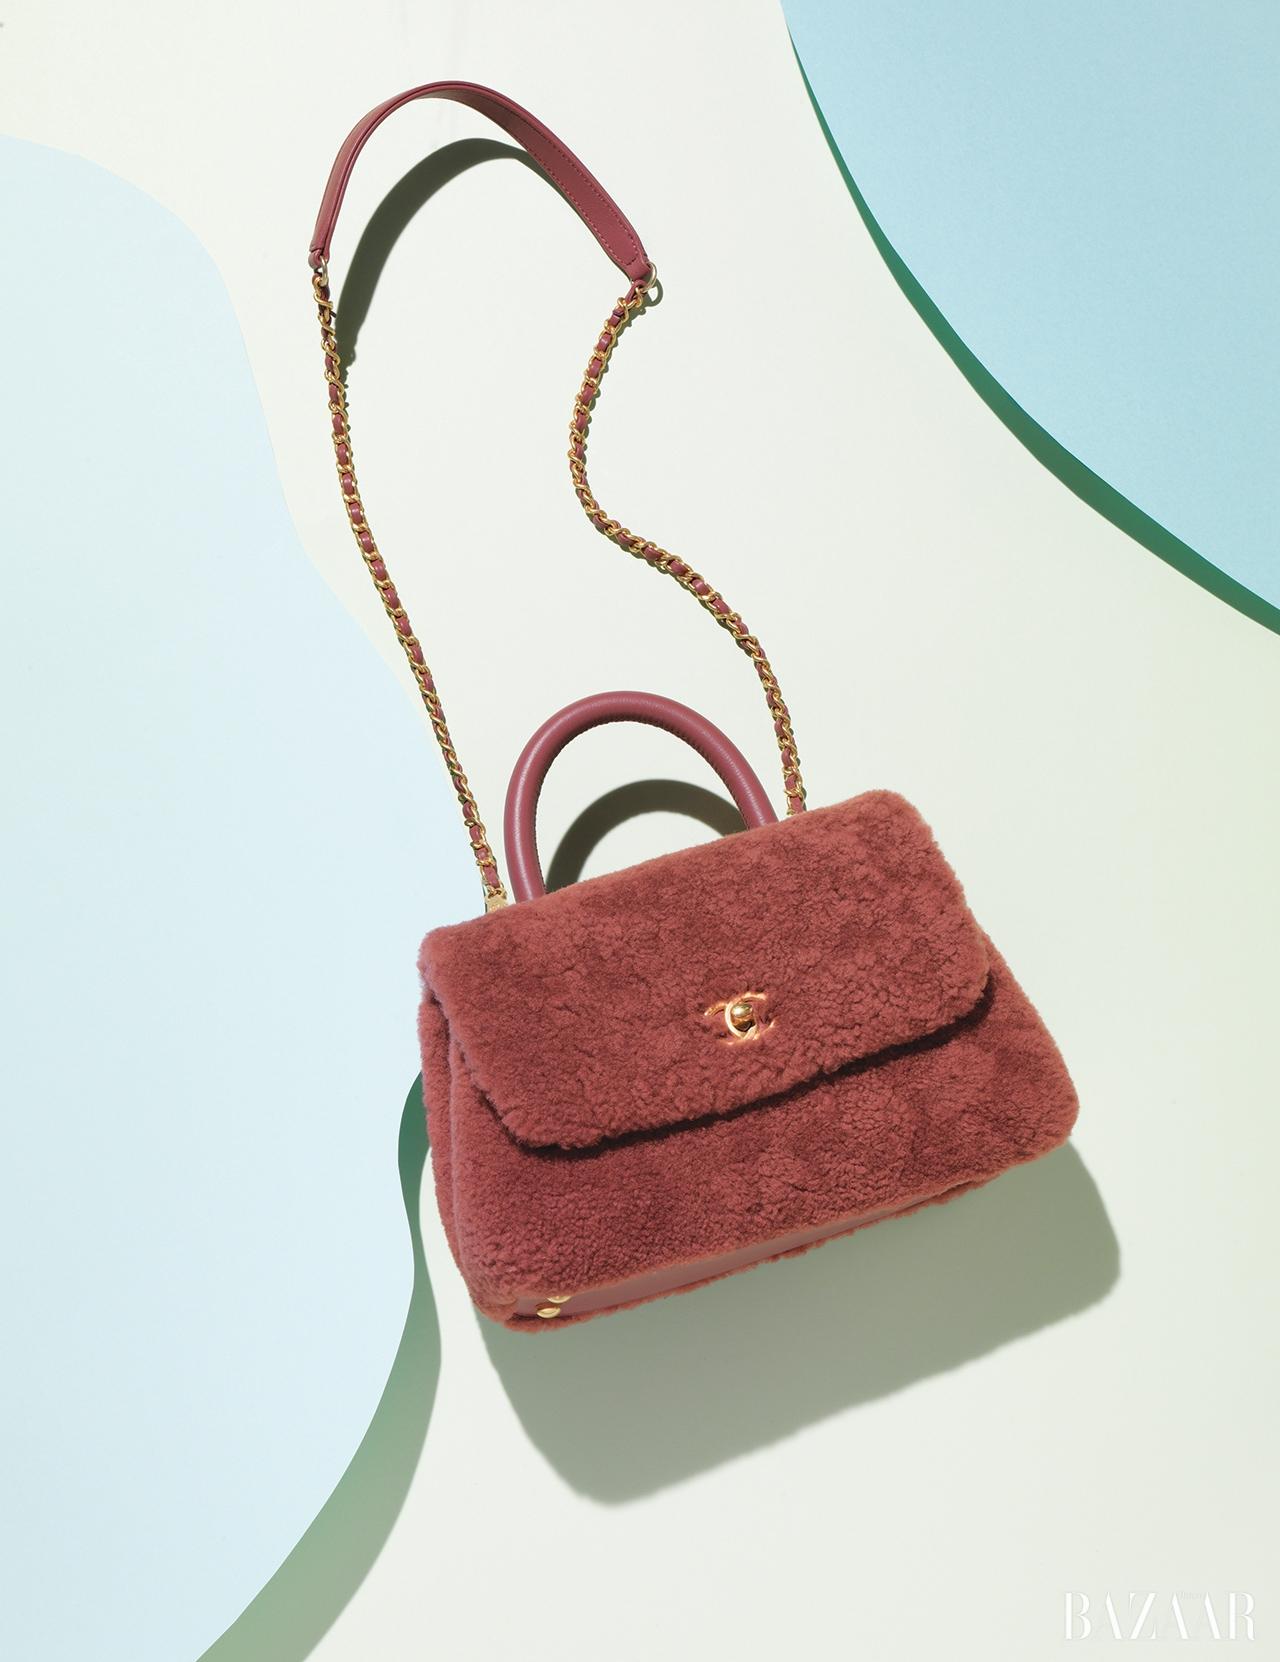 체인 디테일의 로고 장식 토트백은 가격 미정으로 Chanel